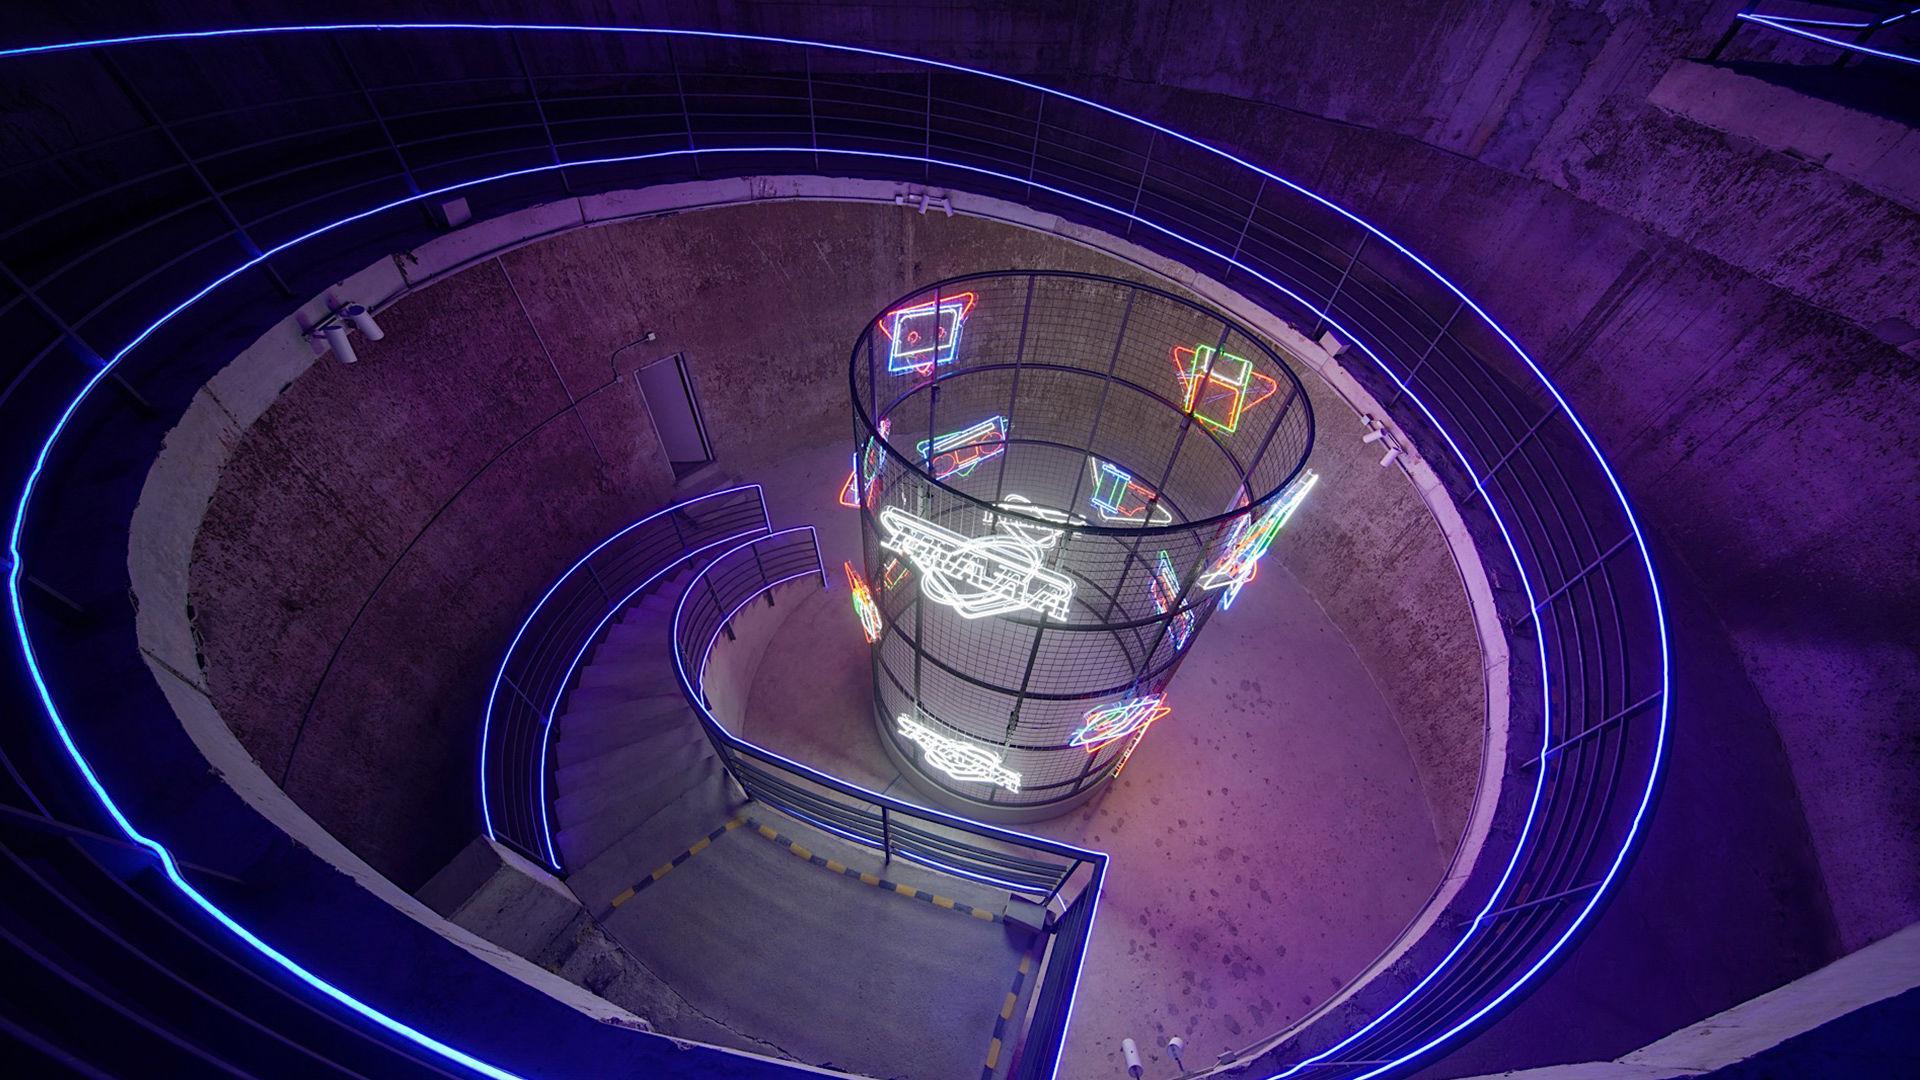 Φώτα, χρώματα και φουτουριστικό, το άγγιγμα της AMO για τη νέα συλλογή Prada